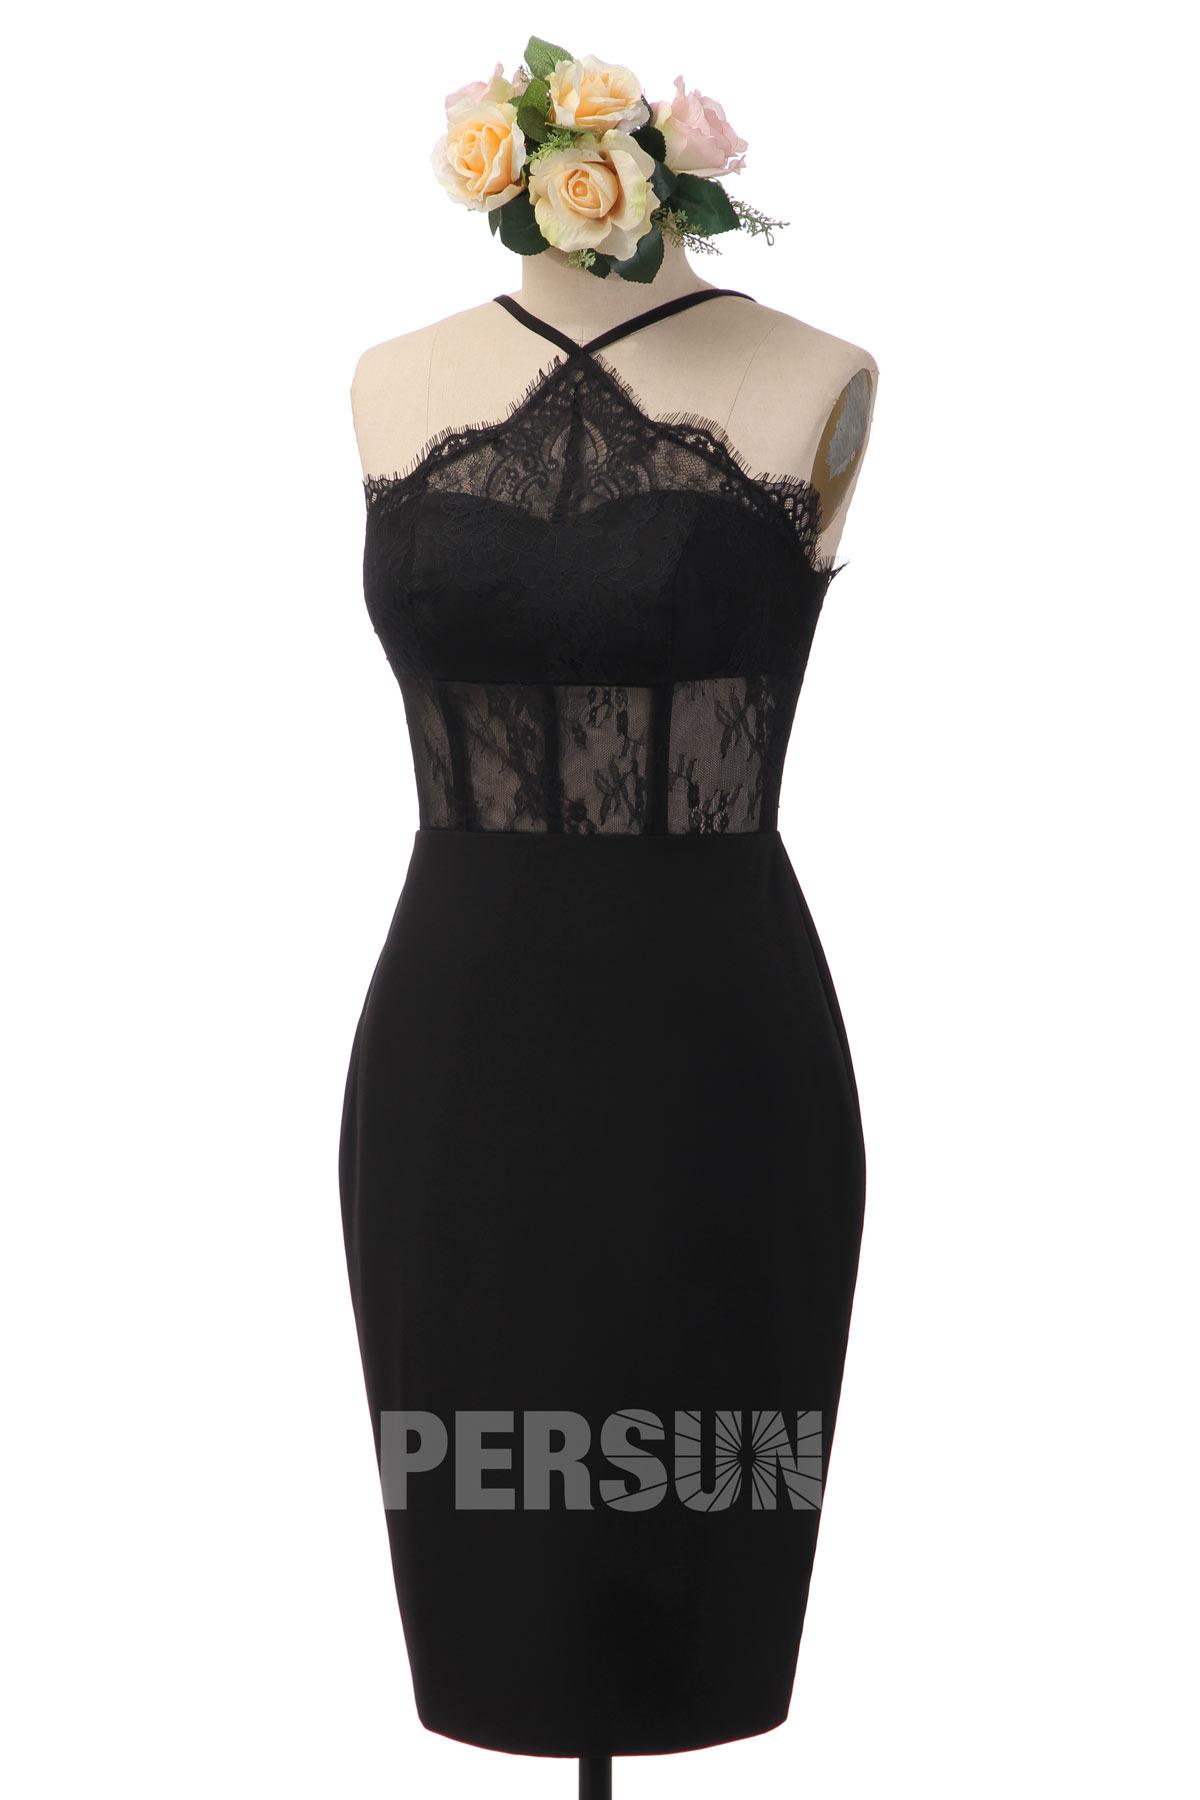 petite robe noire sexy fourreau col halter en dentelle transparent